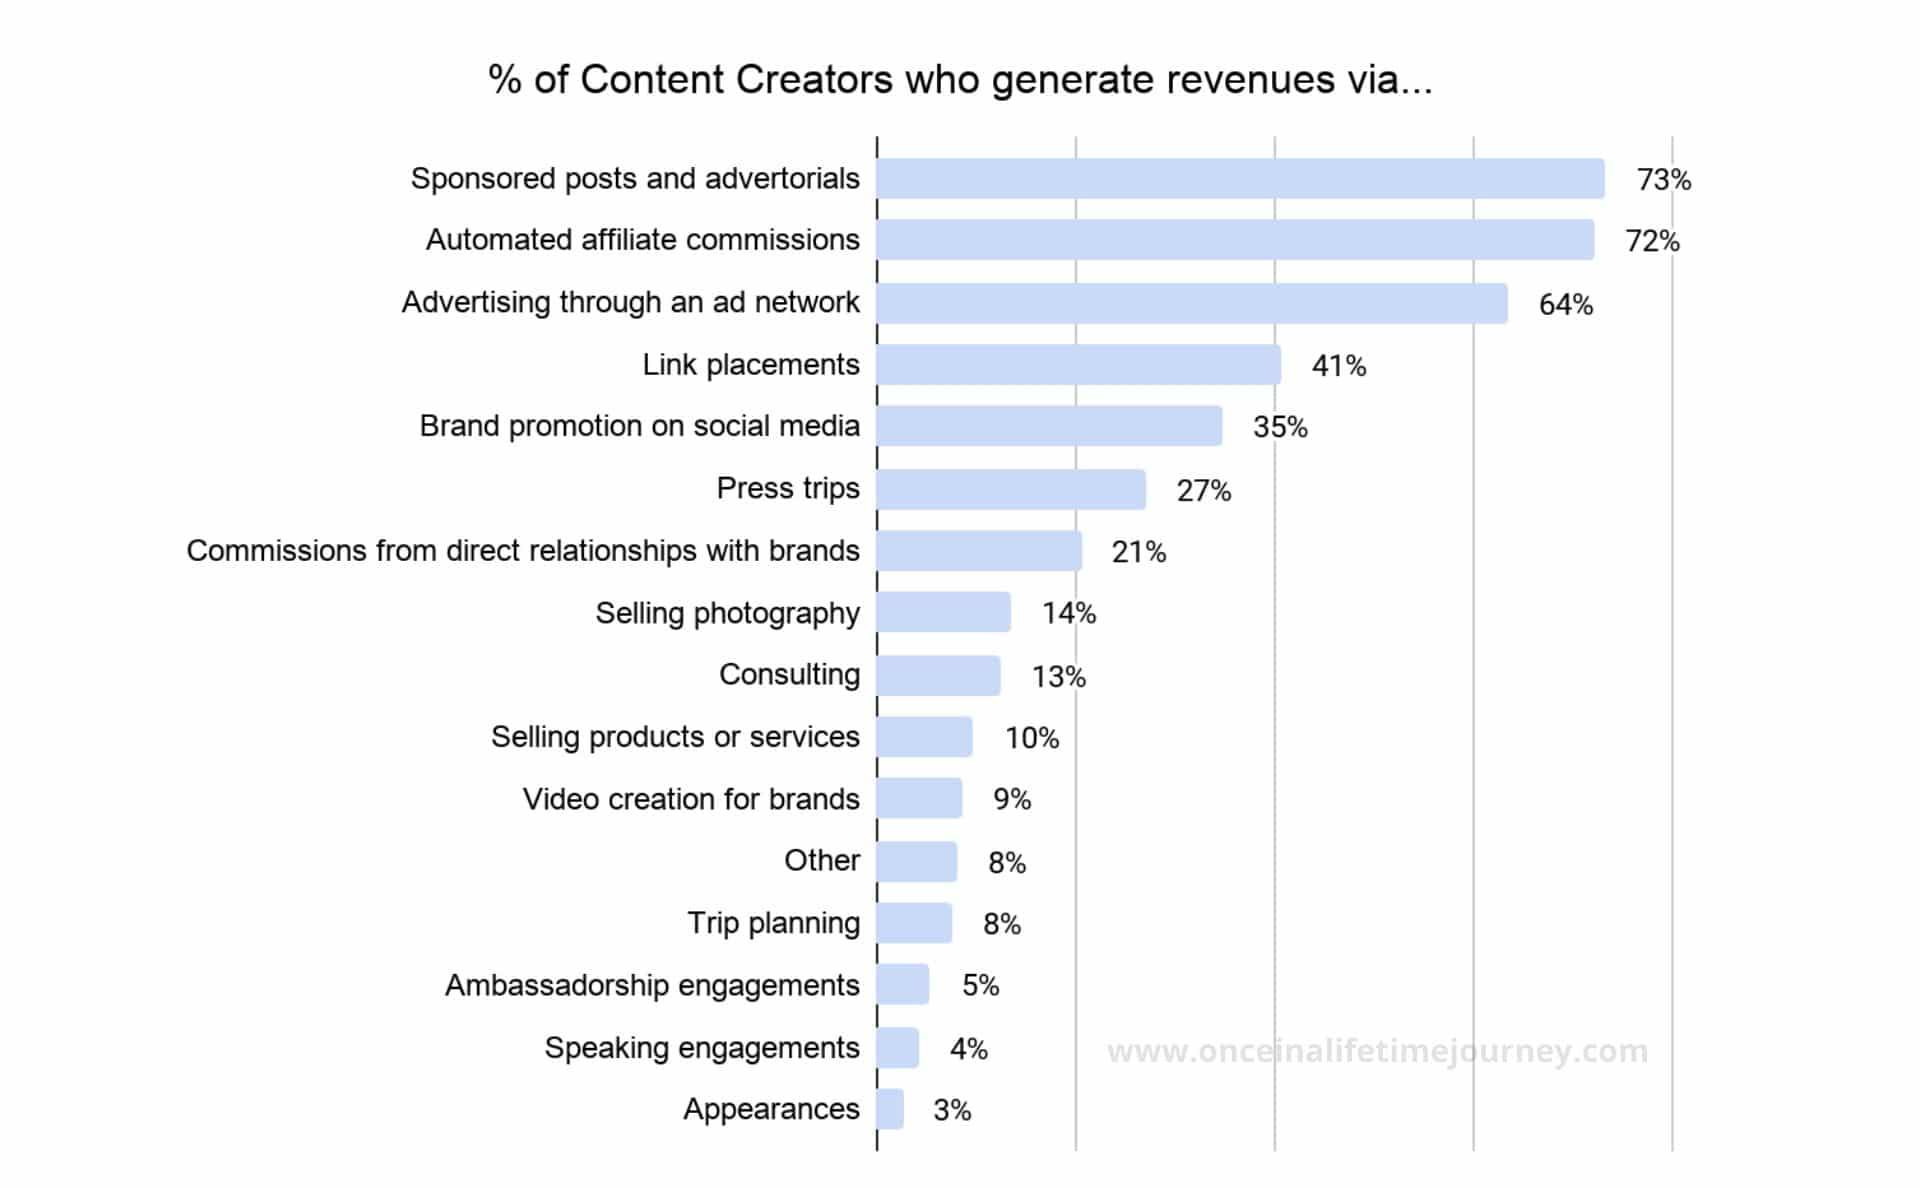 Sources of revenue for Content Creators